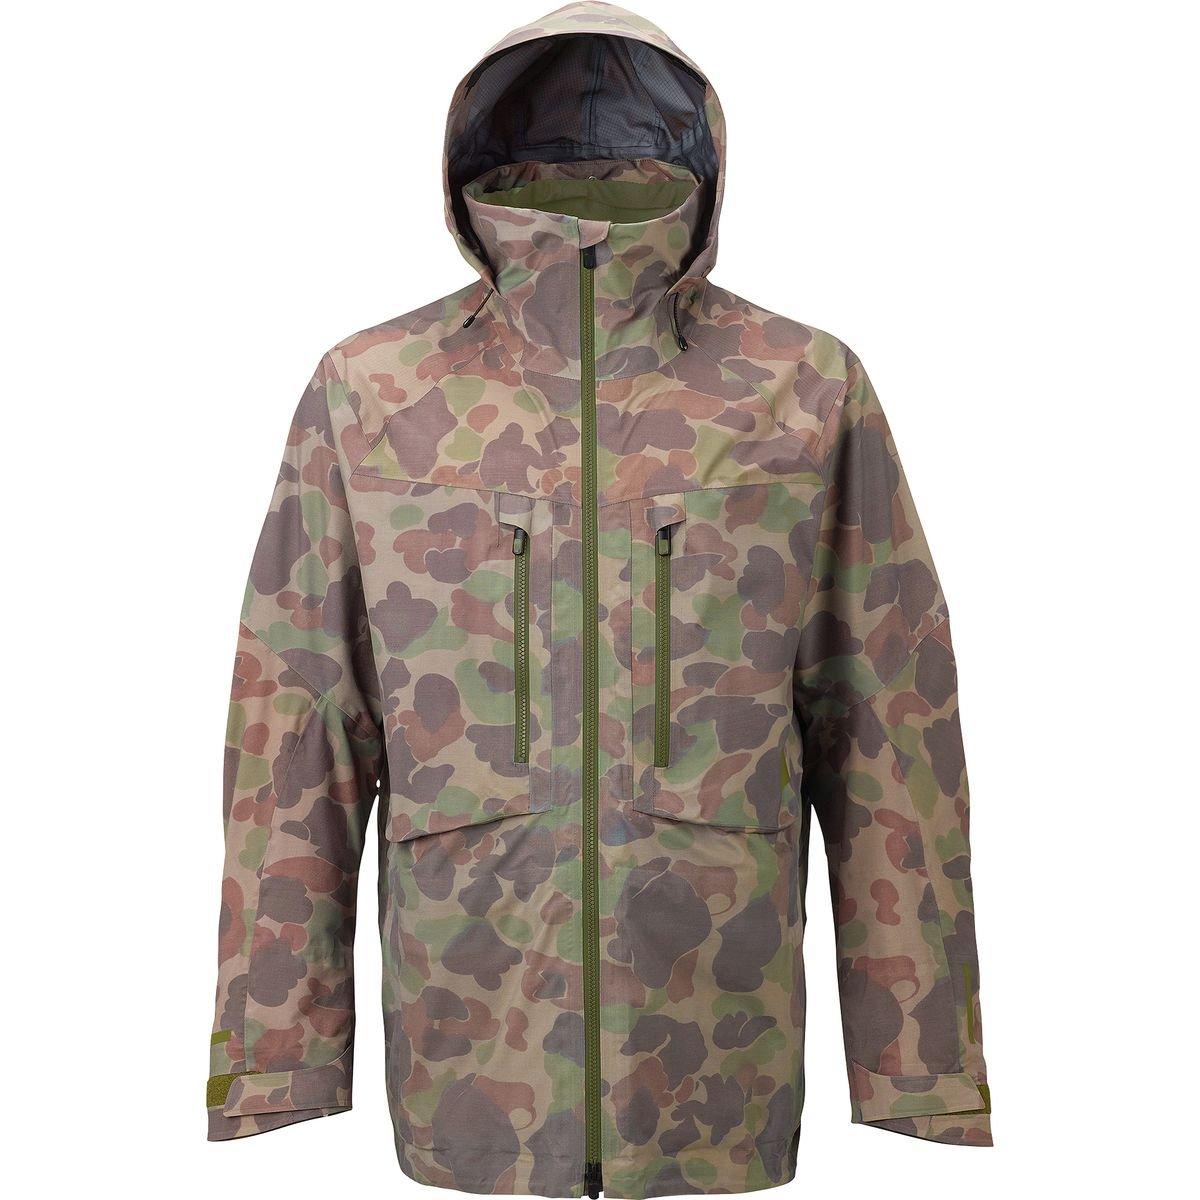 (バートン) Burton AK 3L Hover Gore-Tex Jacket メンズ ジャケットKodiak Camo [並行輸入品] B076WT17V7 日本サイズ L (US M)|Kodiak Camo Kodiak Camo 日本サイズ L (US M)